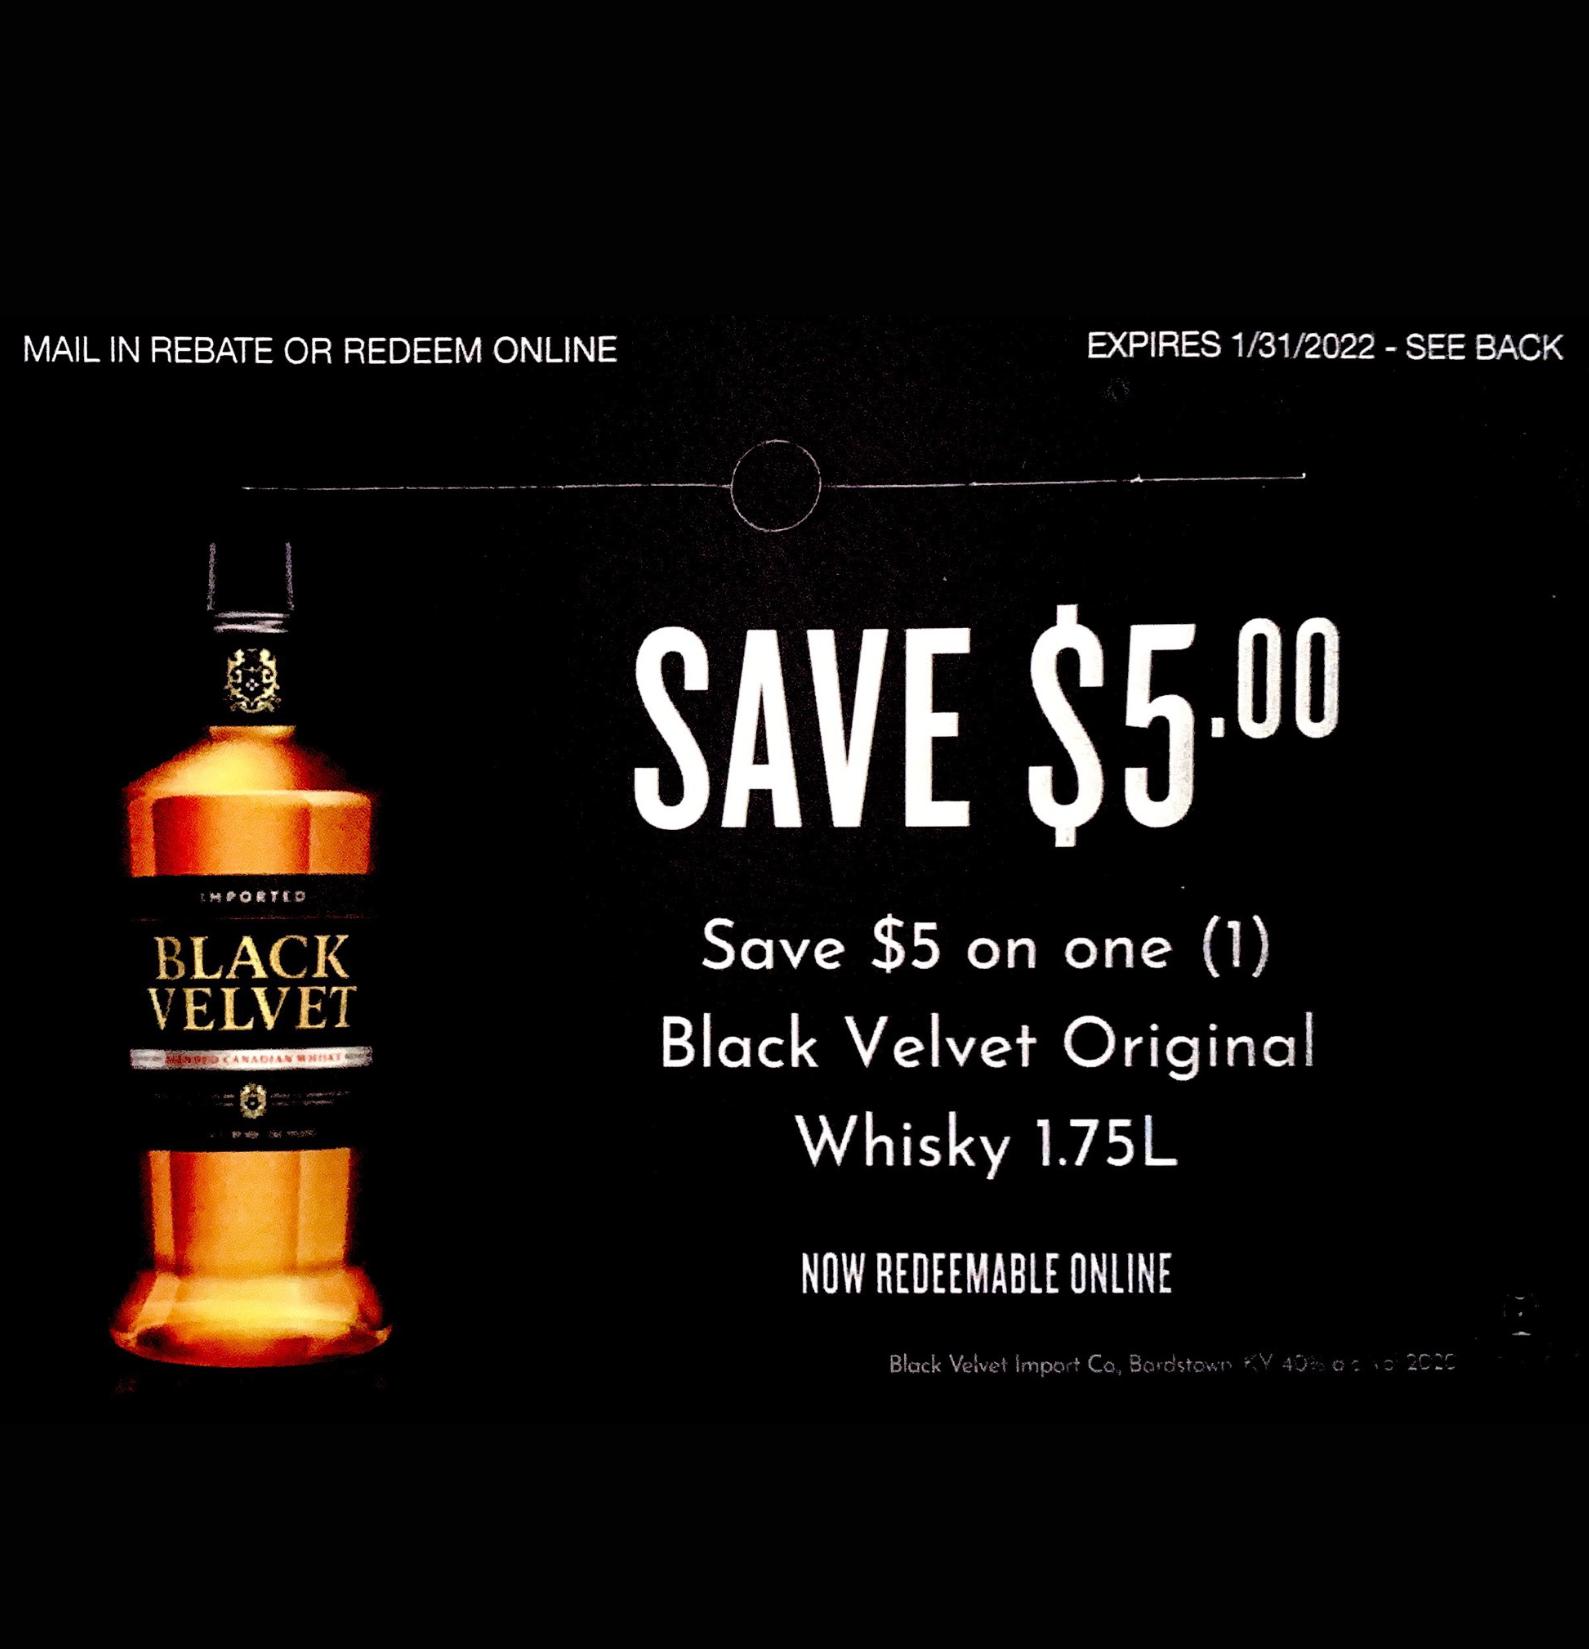 Black Velvet Original Whisky 1.75L